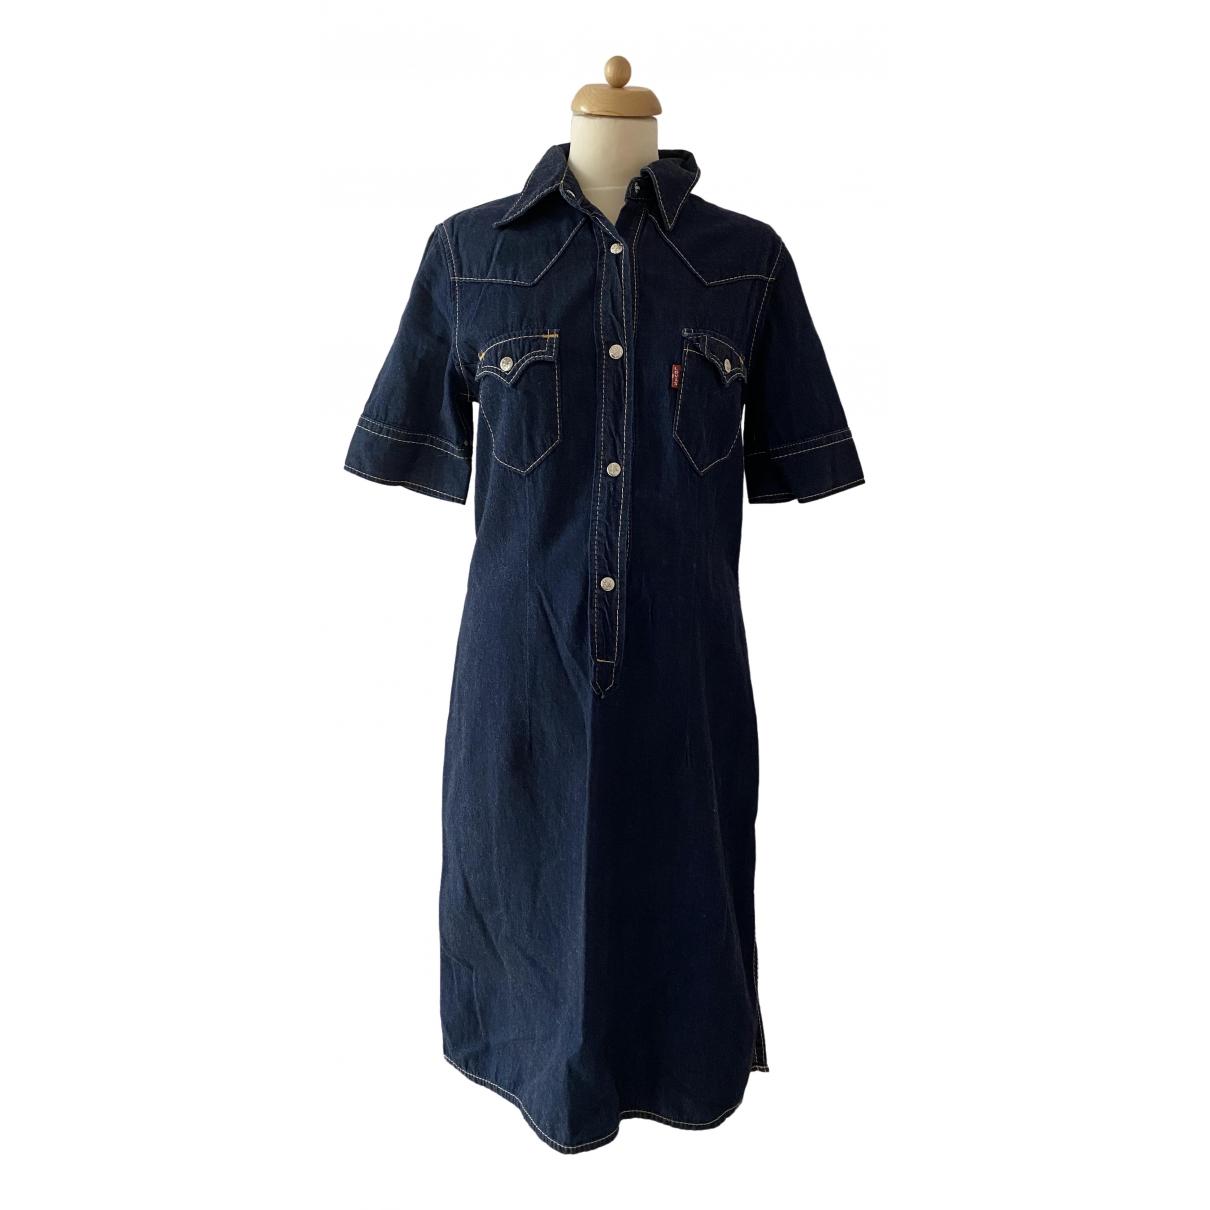 Levis \N Kleid in  Marine Denim - Jeans